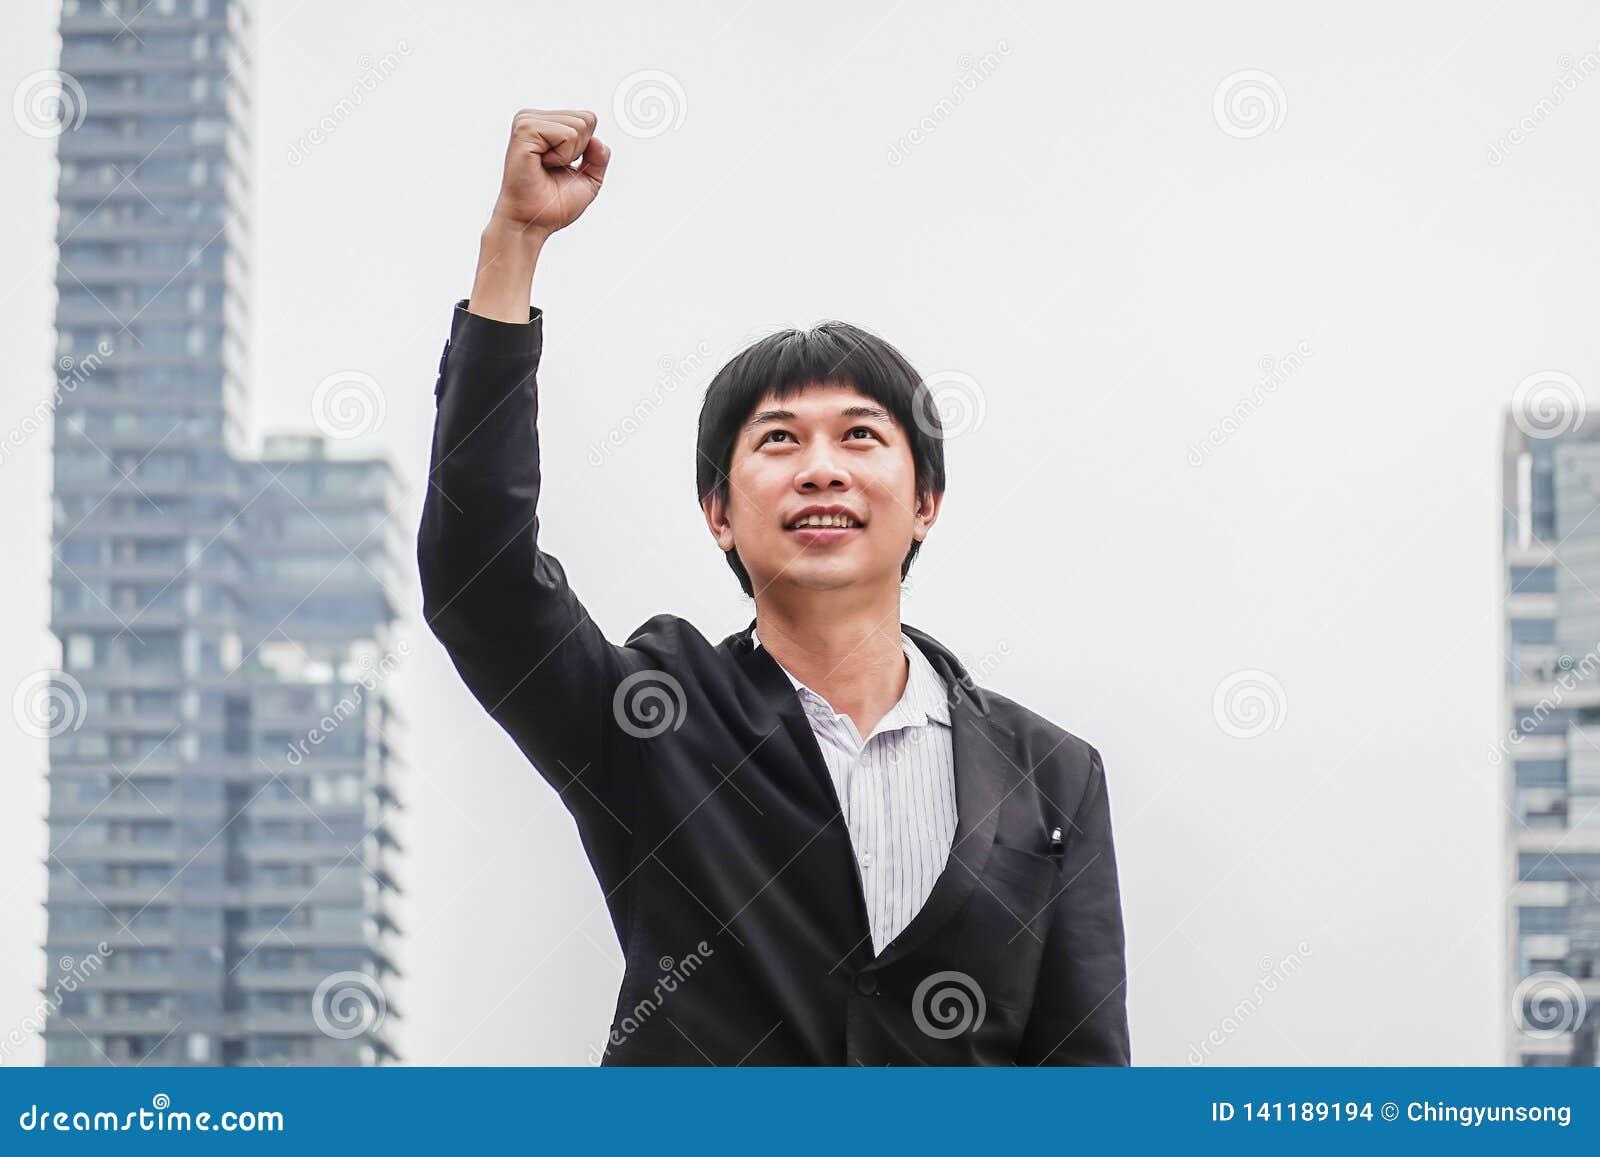 Éxito del hombre de negocios Ganador del hombre de negocios triunfo feliz Triumph, victoria de la gente acertada, de la persona o